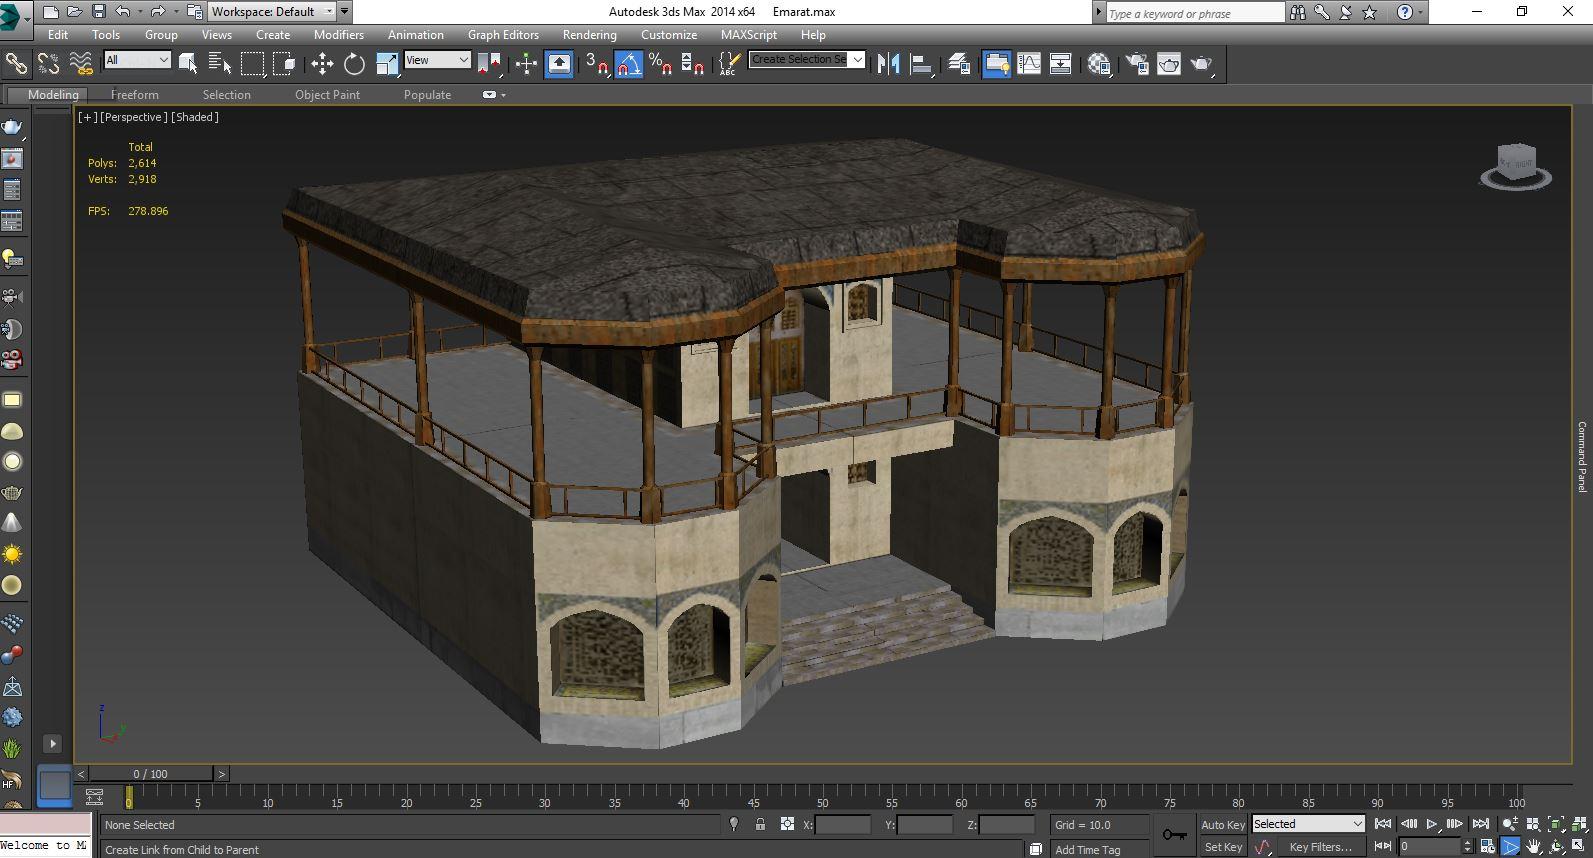 دانلود فایل معماری تری دی در مورد عمارت کوشک